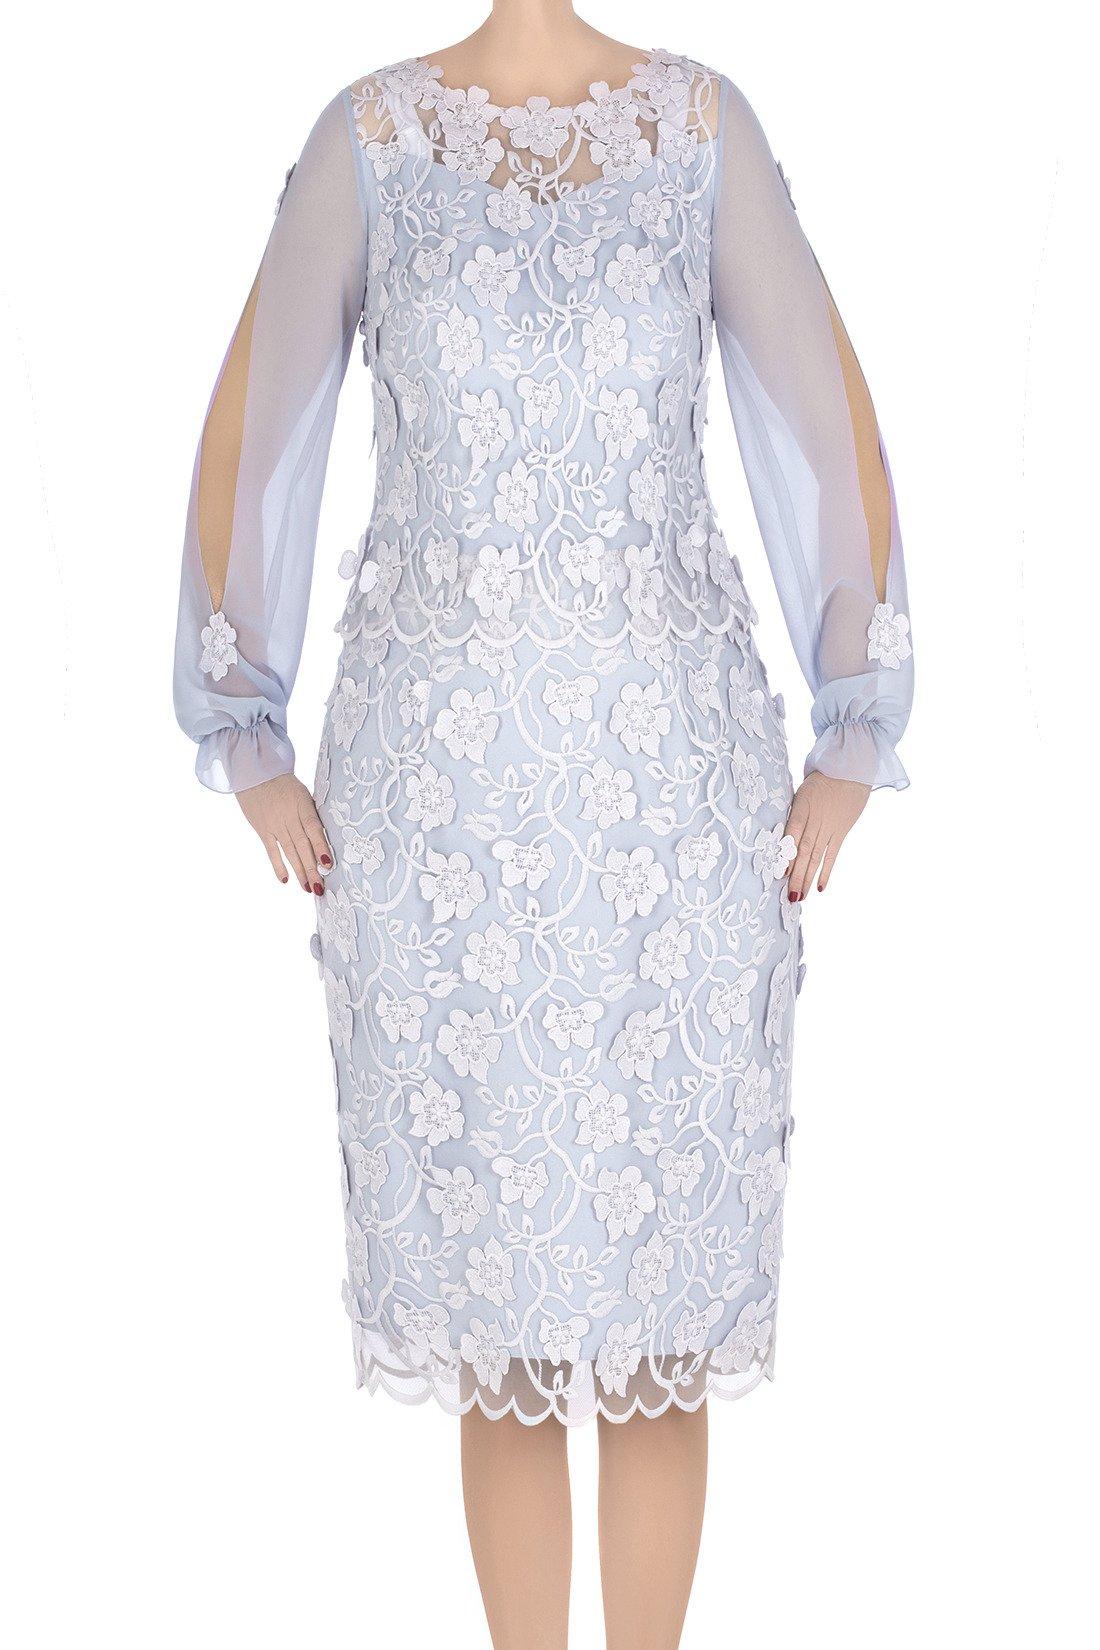 0ce55d3ba0 Elegancka sukienka damska Flora szara z ozdobnymi rękawami 3306 Kliknij